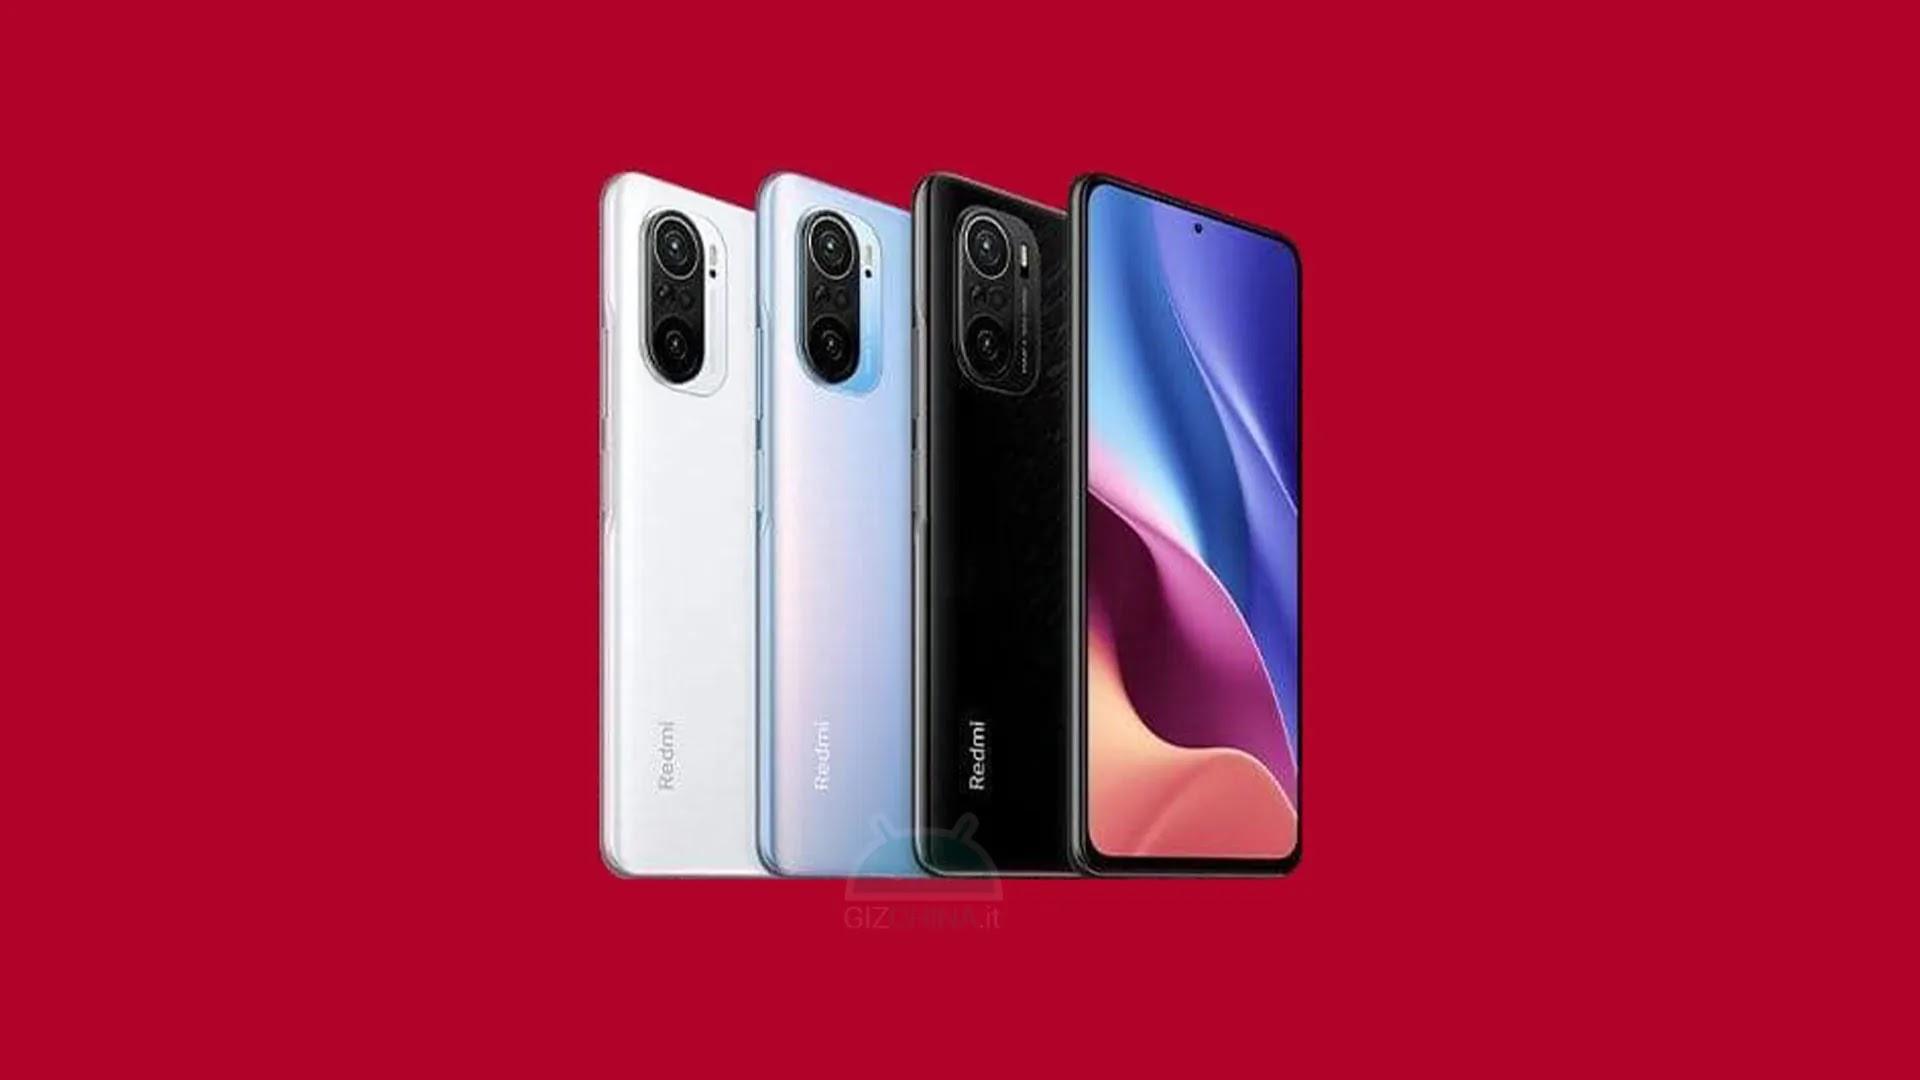 كشفت سلسلة Xiaomi Redmi K40 الثلاثية عن المواصفات والأسعار الكاملة في 26 فبراير 2021   أخبار ببلاش